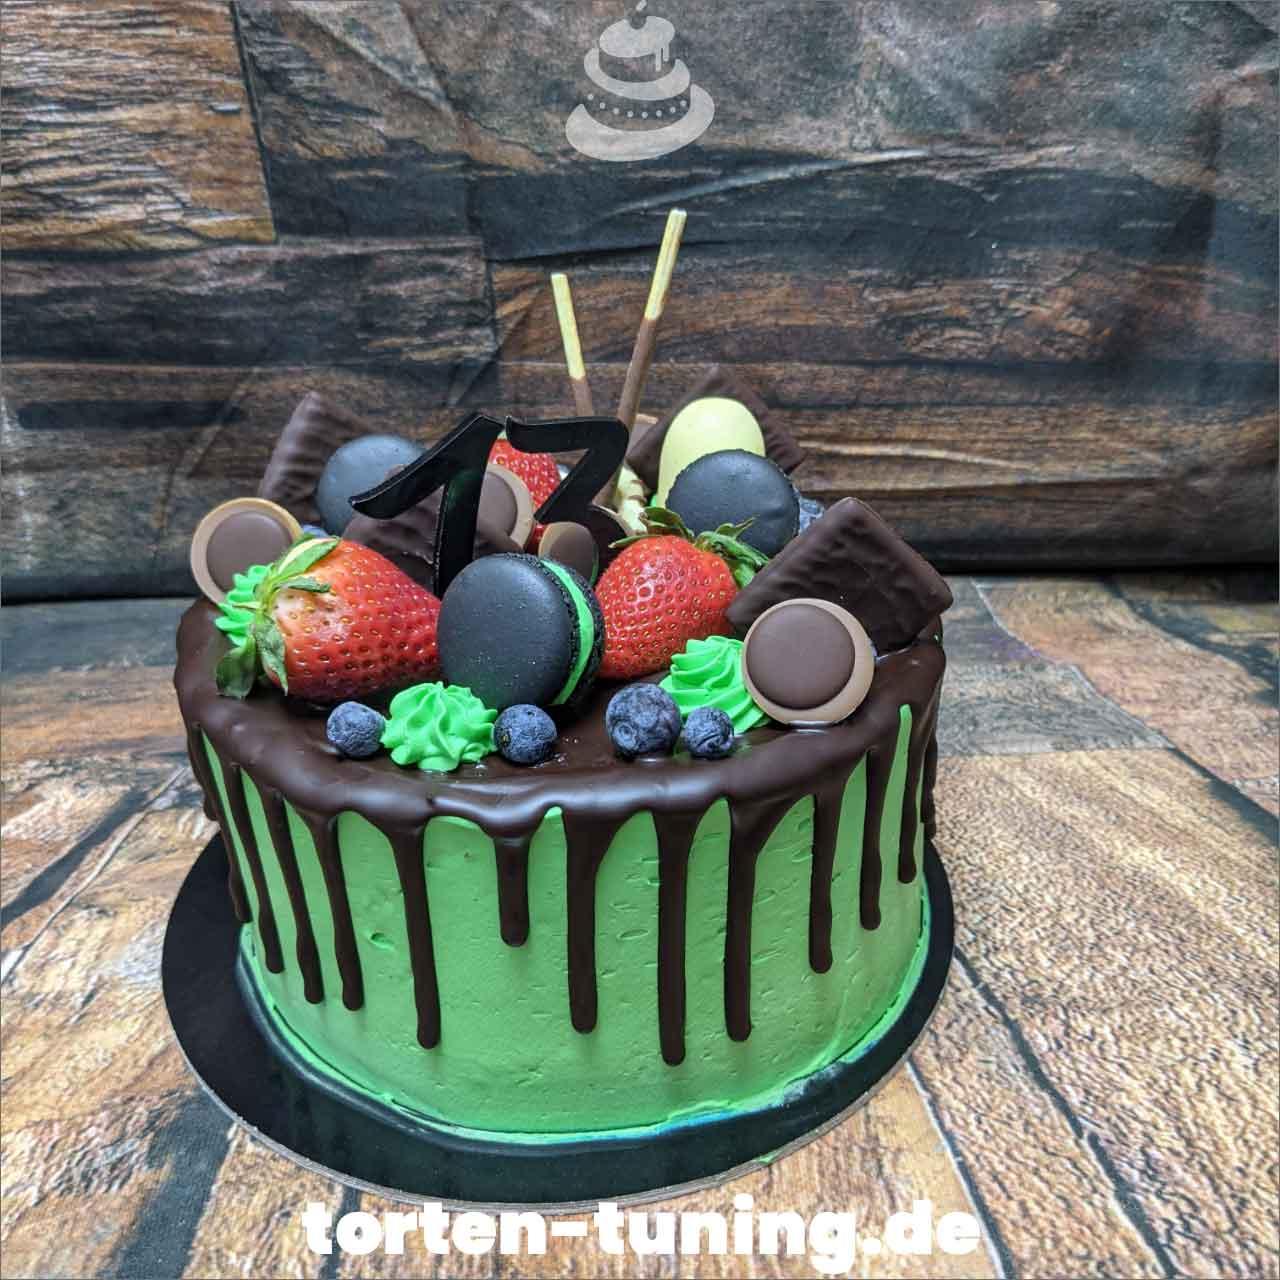 grün Macarons After Eight Dripcake Obsttorte Geburtstagstorte Motivtorte Torte Tortendekoration Torte online bestellen Suhl Thüringen Torten Tuning Sahnetorte Tortenfiguren Cake Topper